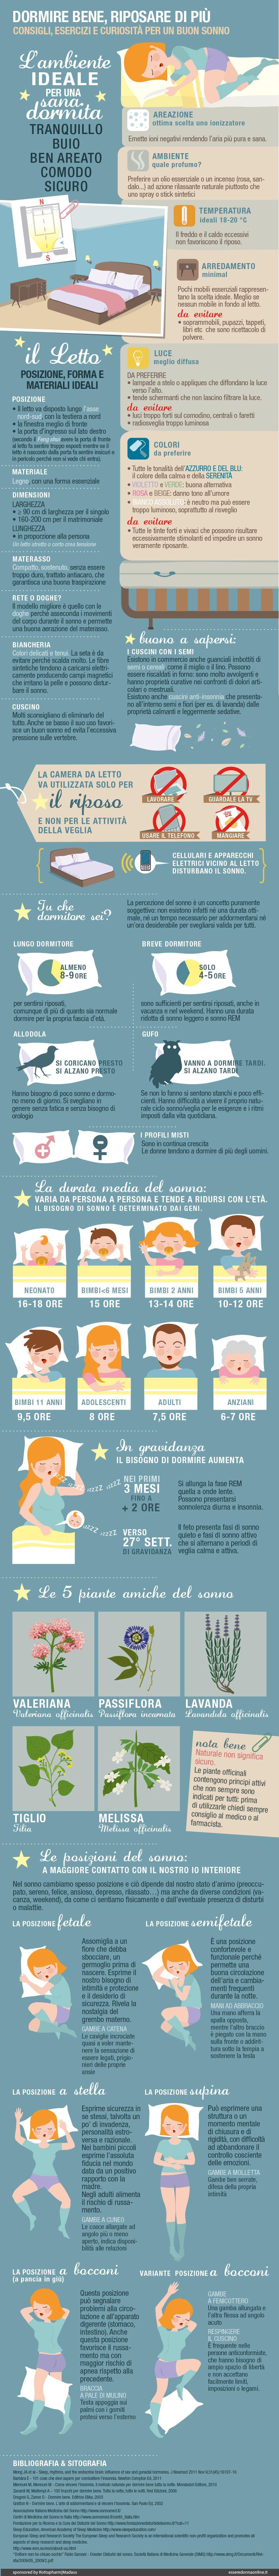 Dormire Bene Riposare Di Piu Consigli Esercizi E Curiosita Per Un Buon Sonno Esseredonnaonline Rimedi Naturali Salute E Benessere Salute